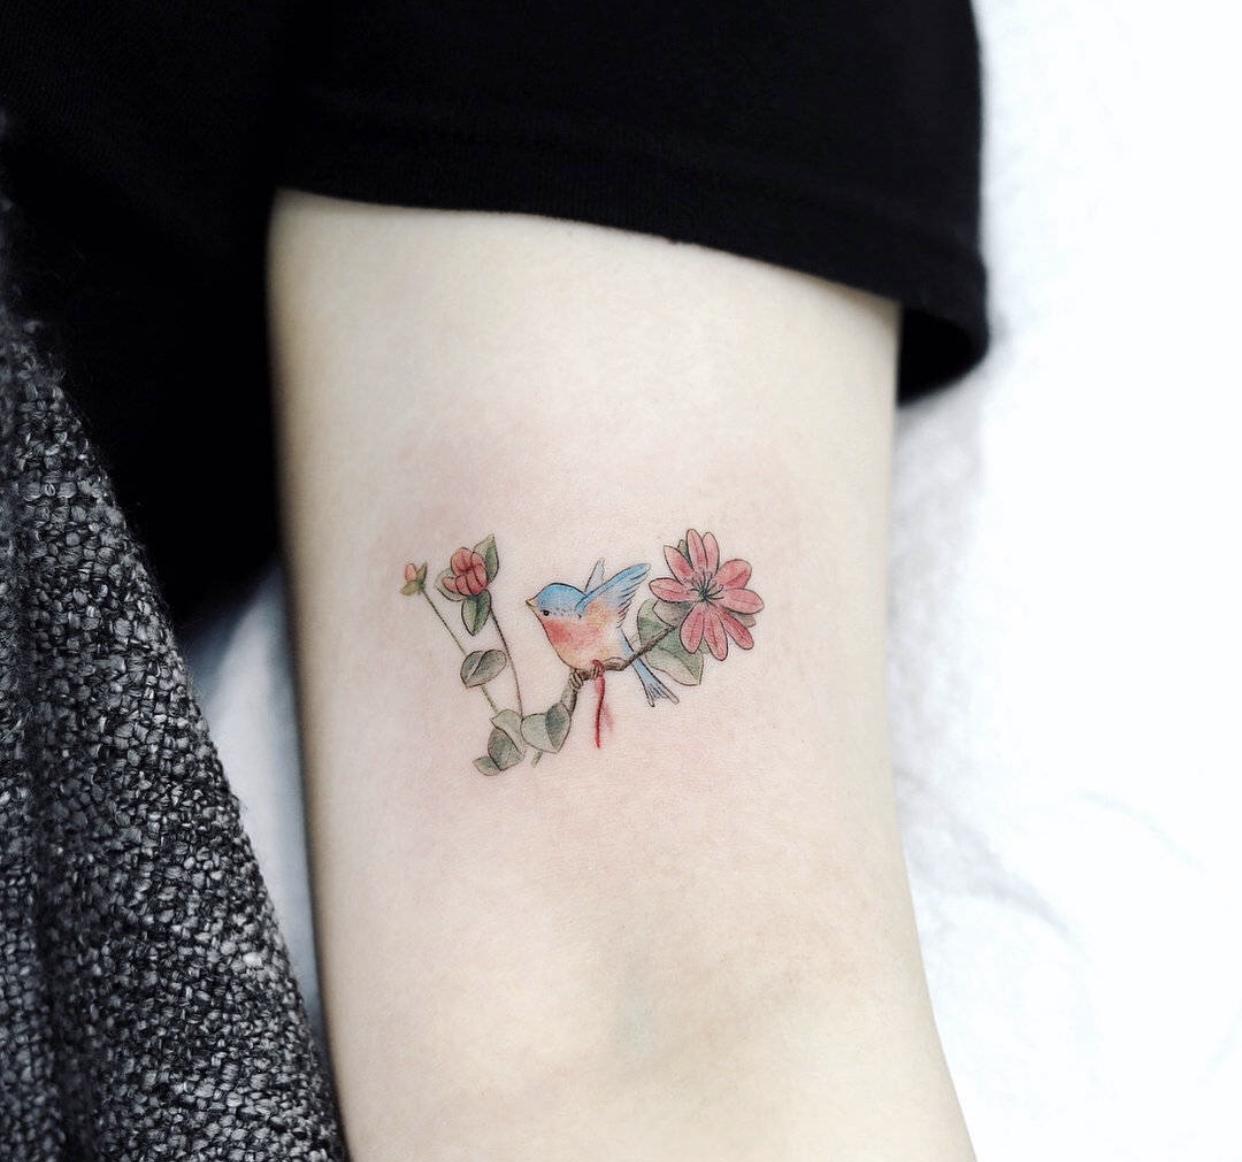 想了好几年的纹身不知道纹哪?七个绝佳位置供你参考!_手机搜狐网